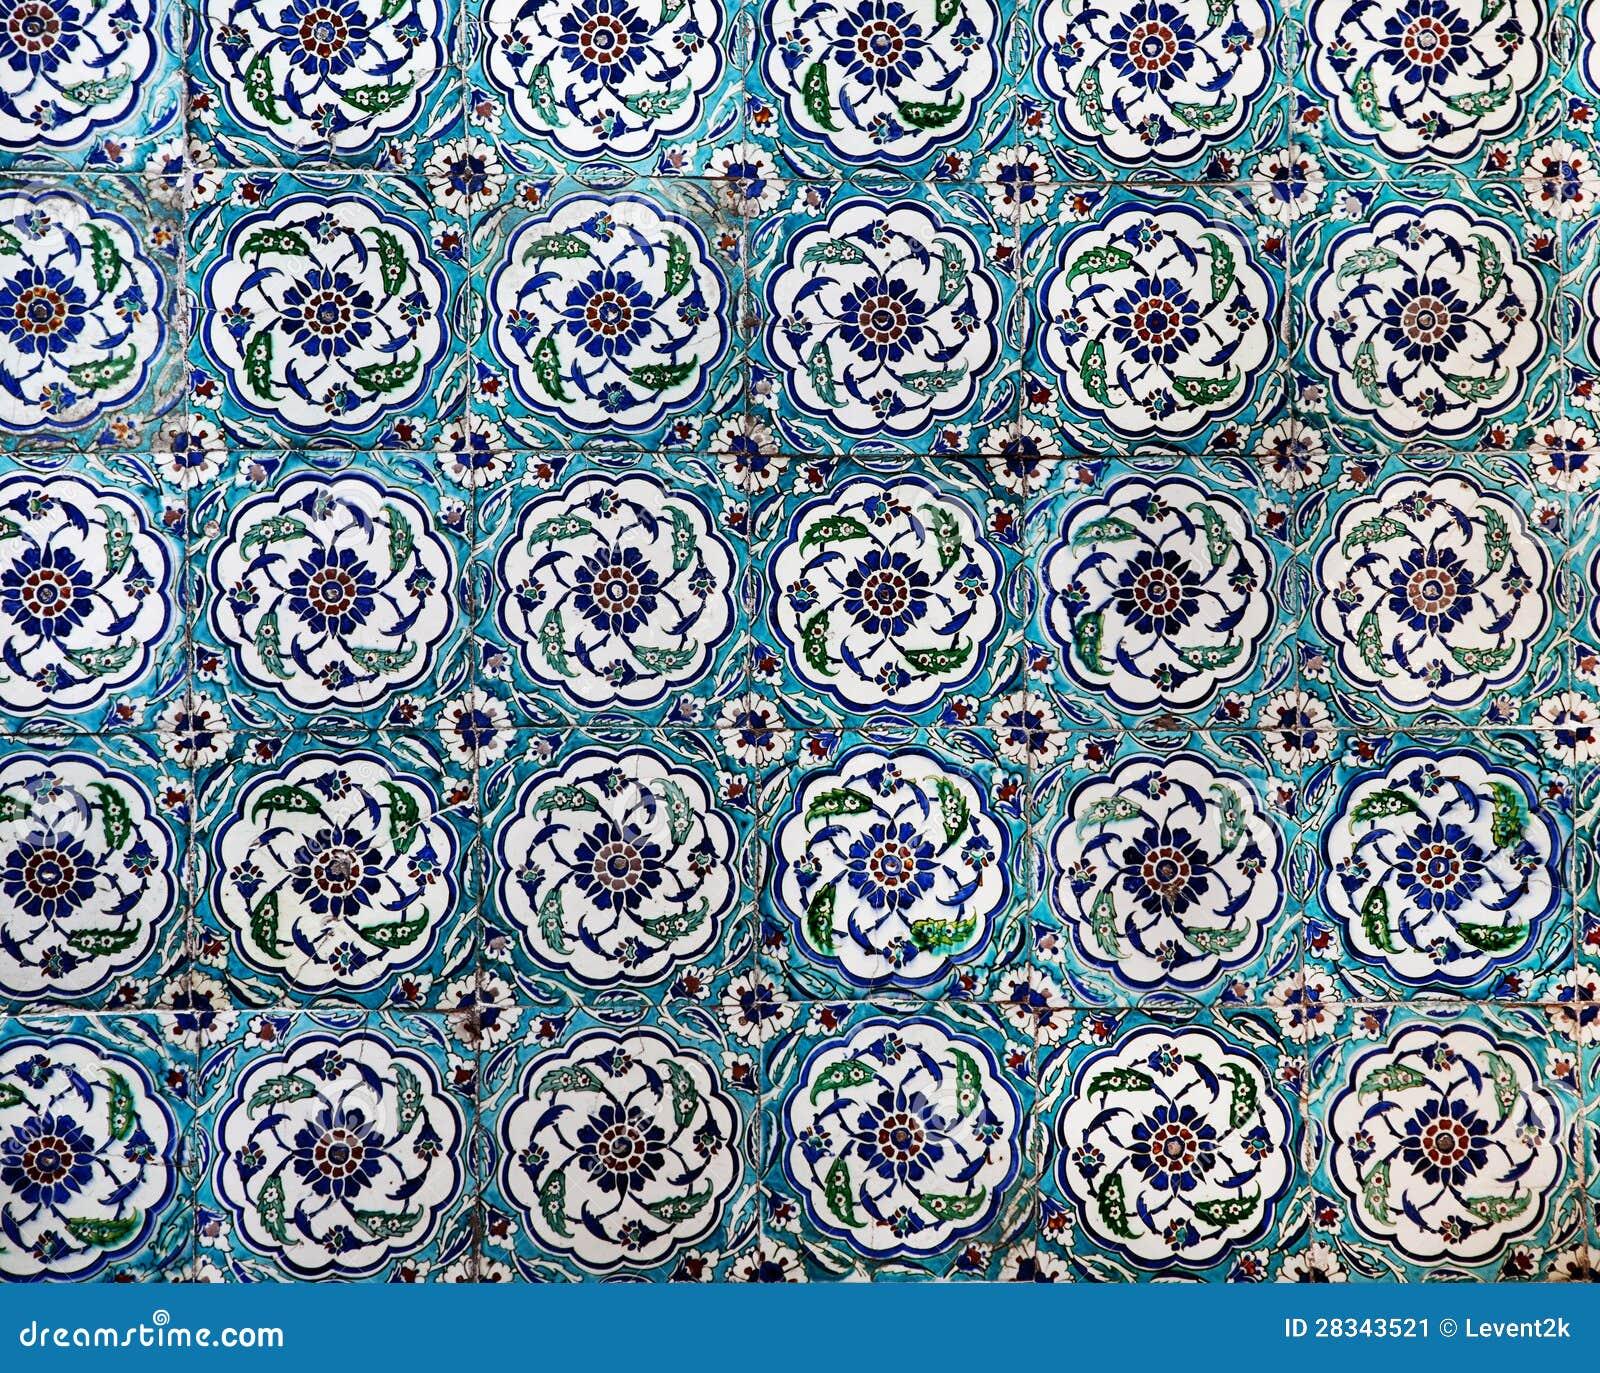 Sultanahmet Blue Mosque interior - tiles